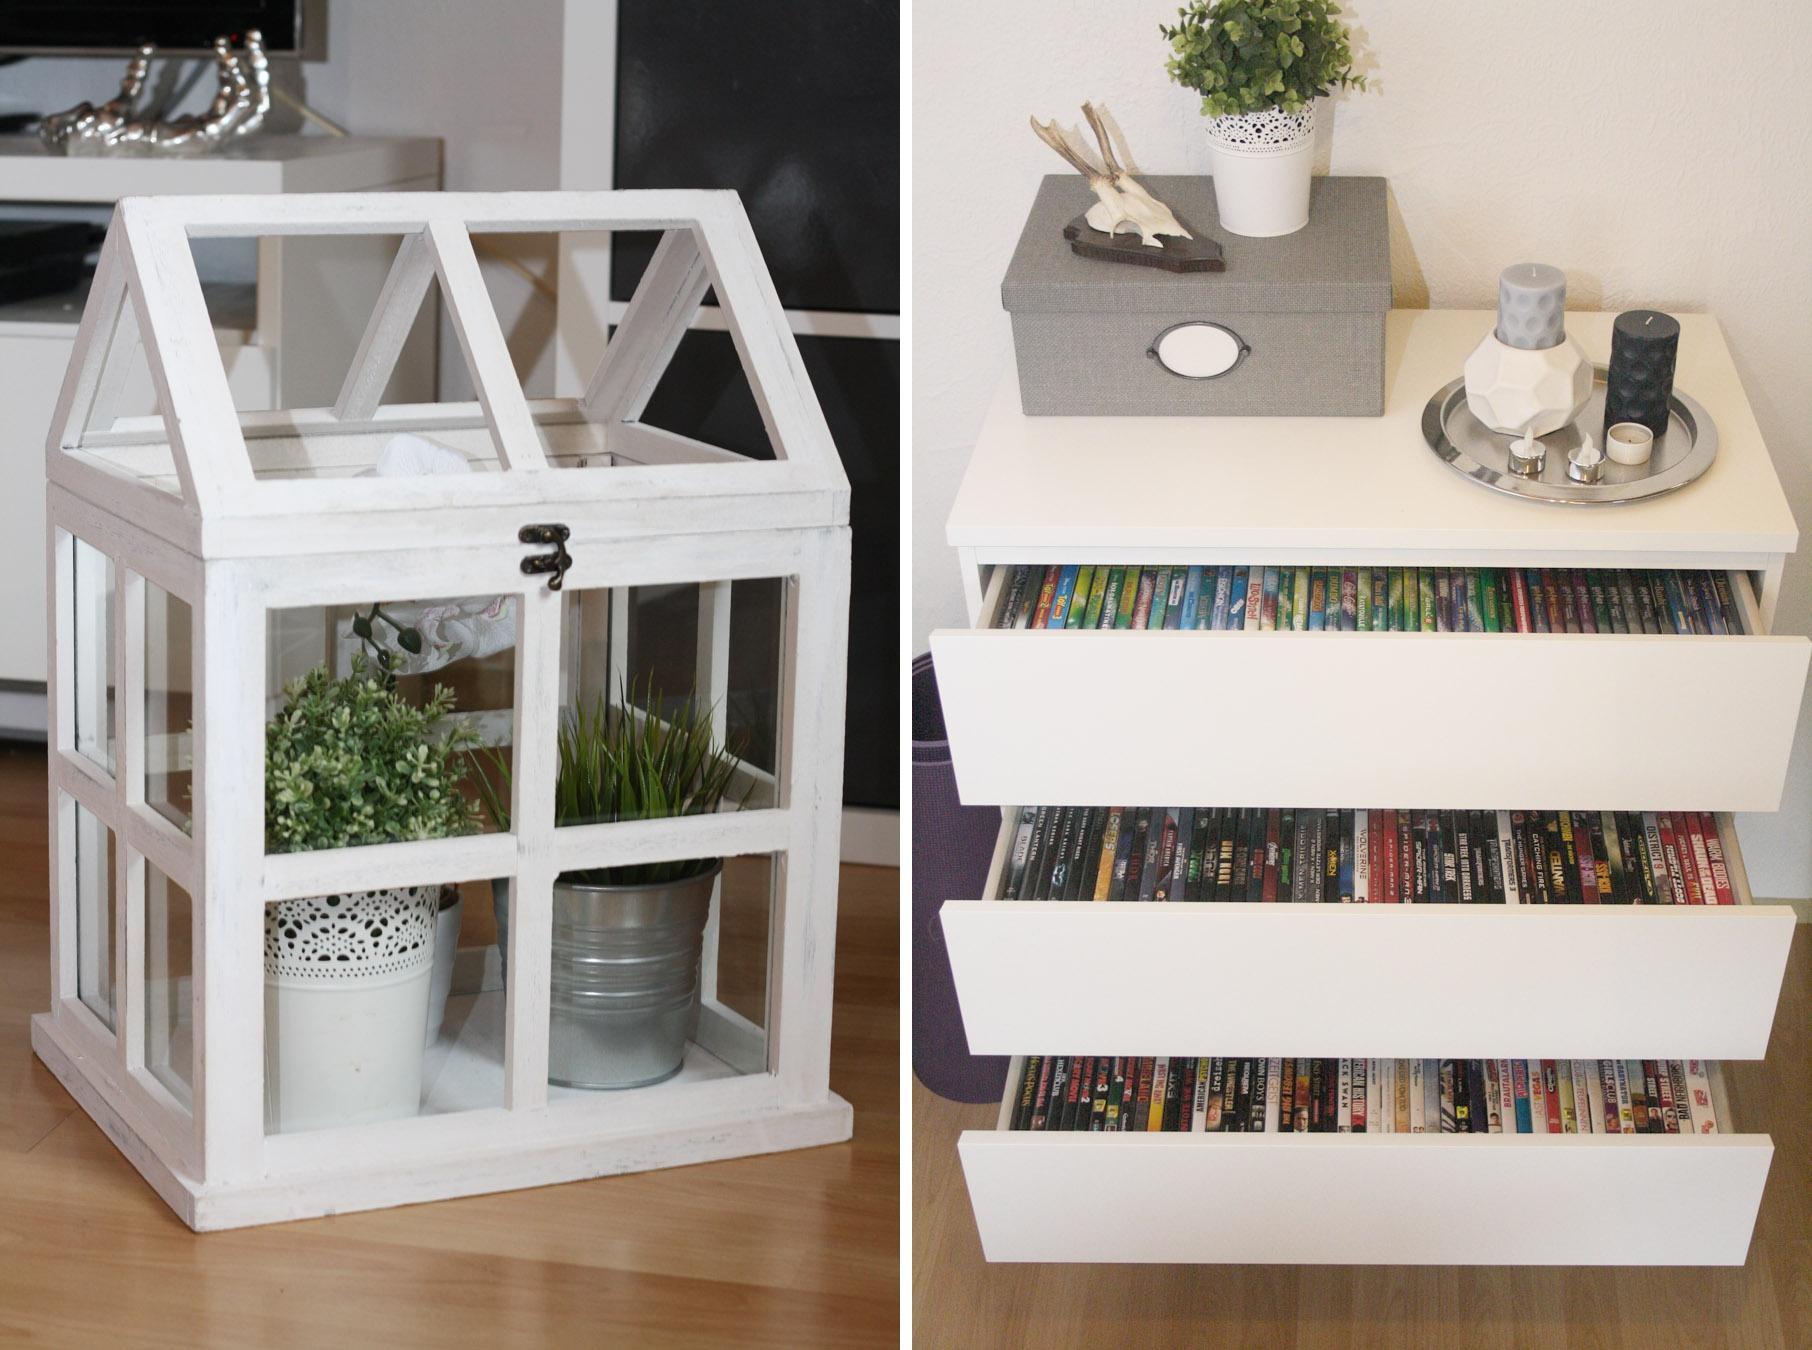 living | wohnzimmer & dekoration - hydrogenperoxid.net